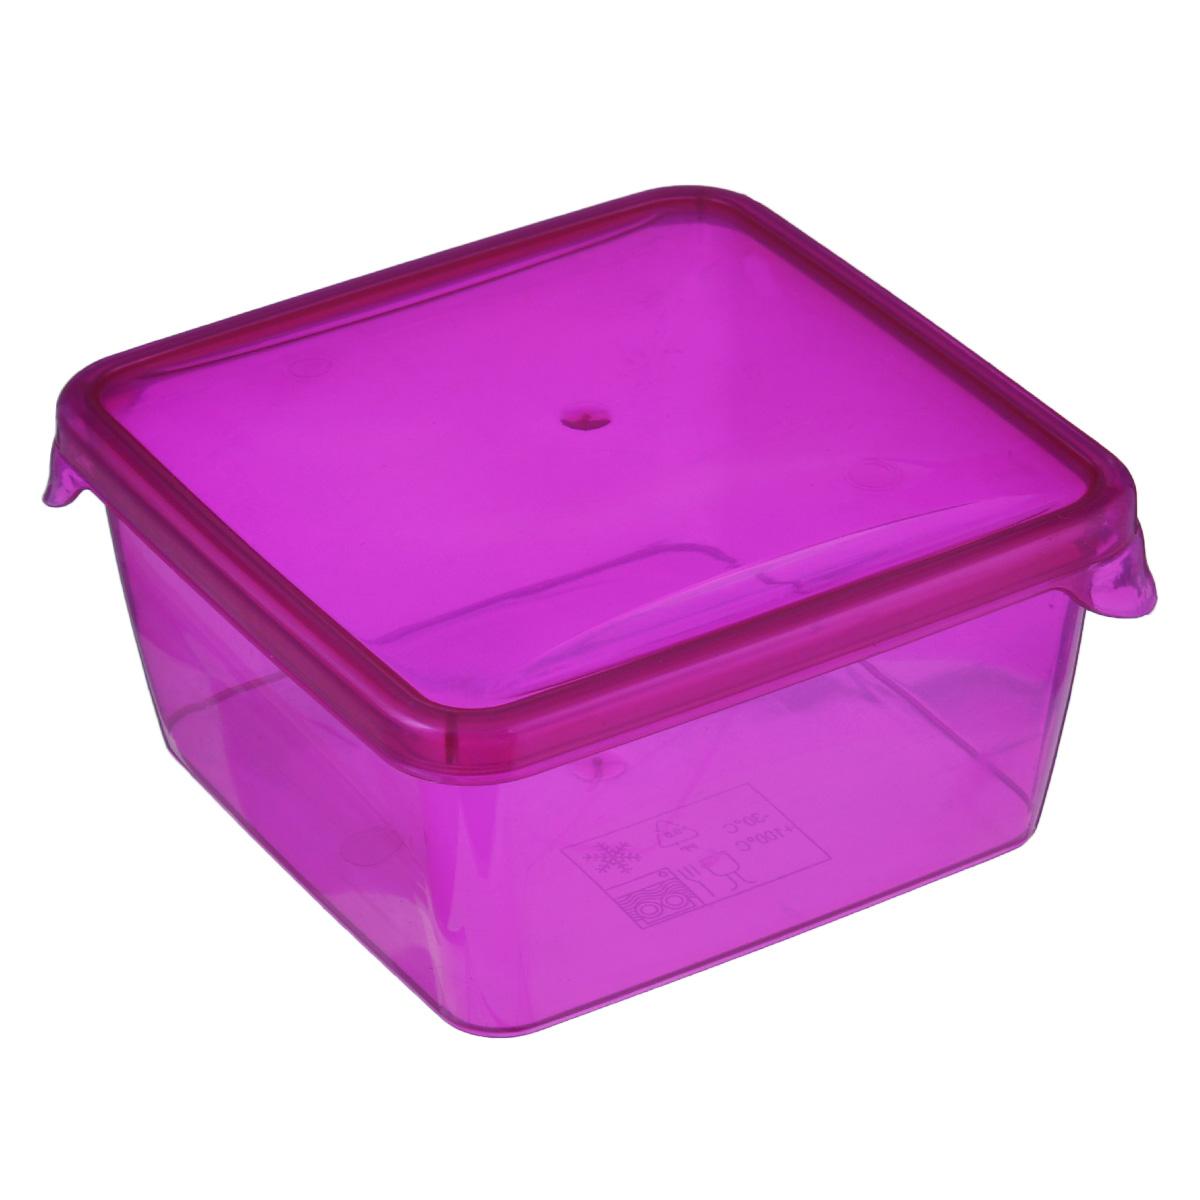 Контейнер P&C Браво, цвет: розовый, 450 млVT-1520(SR)Контейнер P&C Браво выполнен из высококачественного пищевого прозрачного пластика и предназначен для хранения и транспортировки пищи.Крышка легко открывается и плотно закрывается с помощью легкого щелчка. Подходит для использования в микроволновой печи без крышки (до +100°С), для заморозки при минимальной температуре -30°С. Можно мыть в посудомоечной машине.